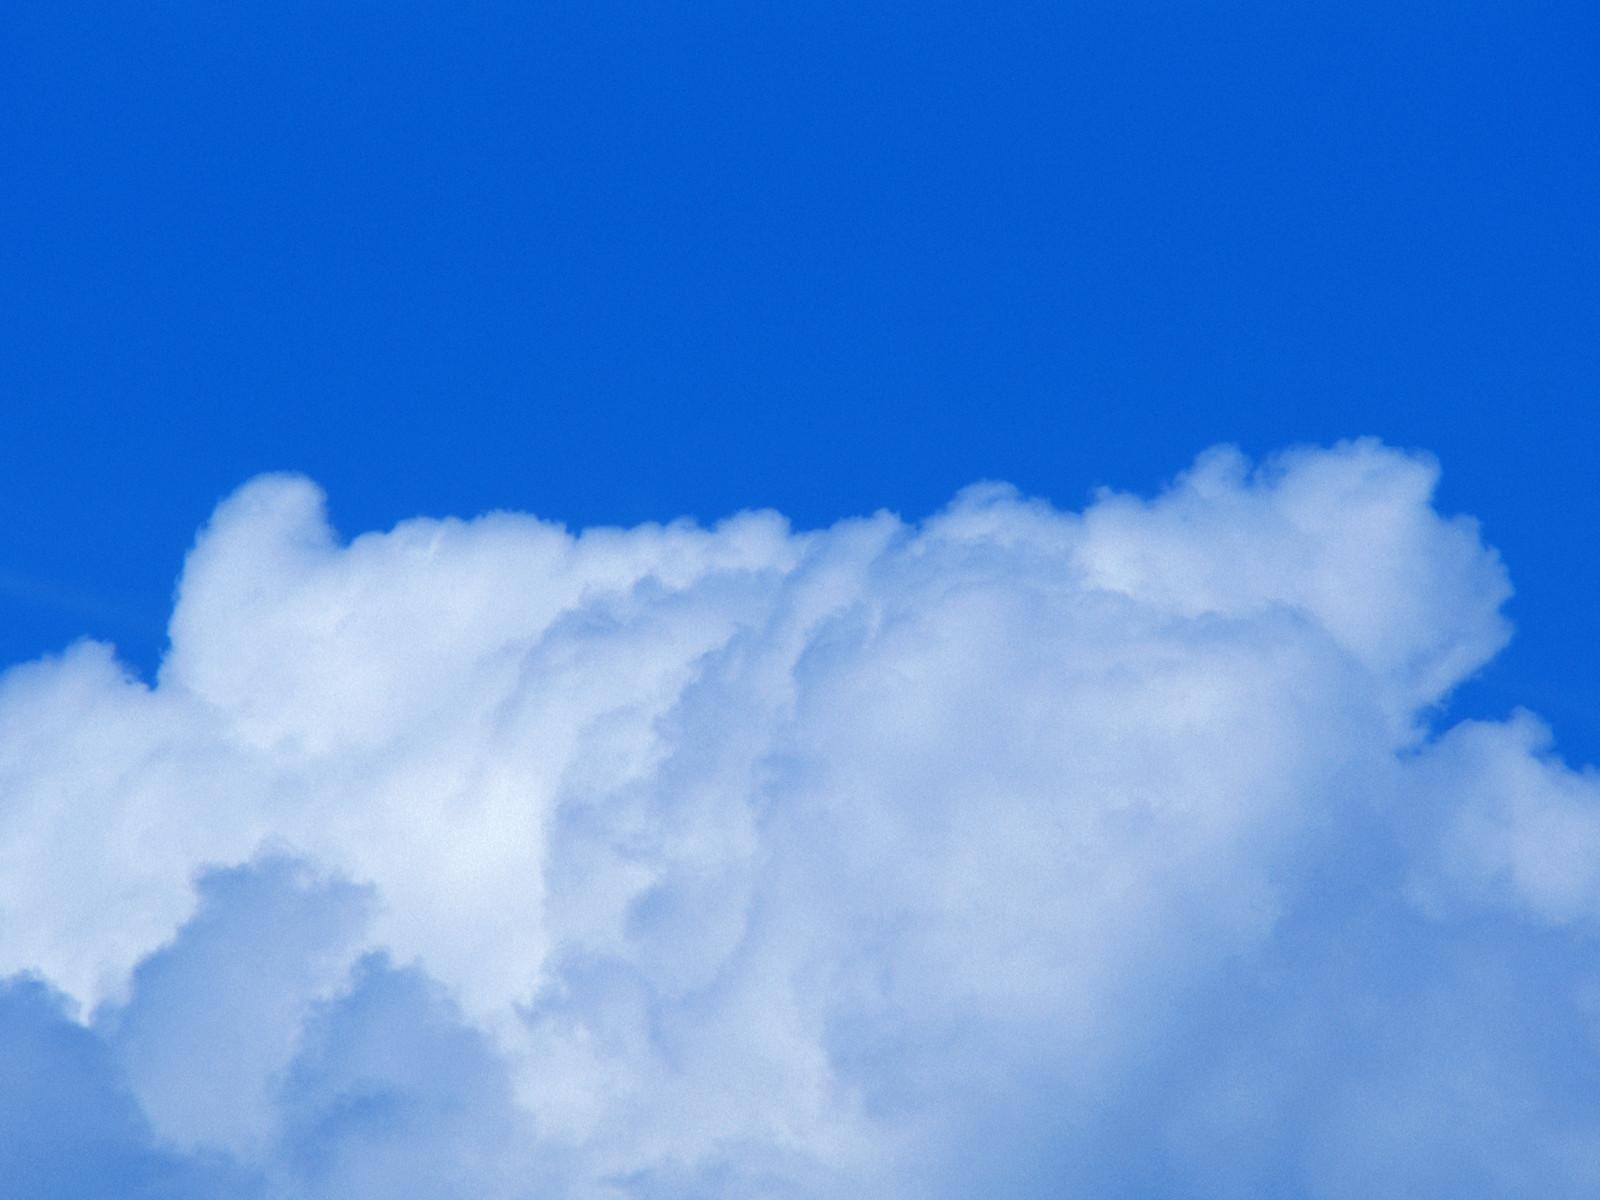 壁纸1600×1200棉花般的白云 蓝天白云图片壁纸 蔚蓝天空蓝天白云壁纸壁纸图片风景壁纸风景图片素材桌面壁纸